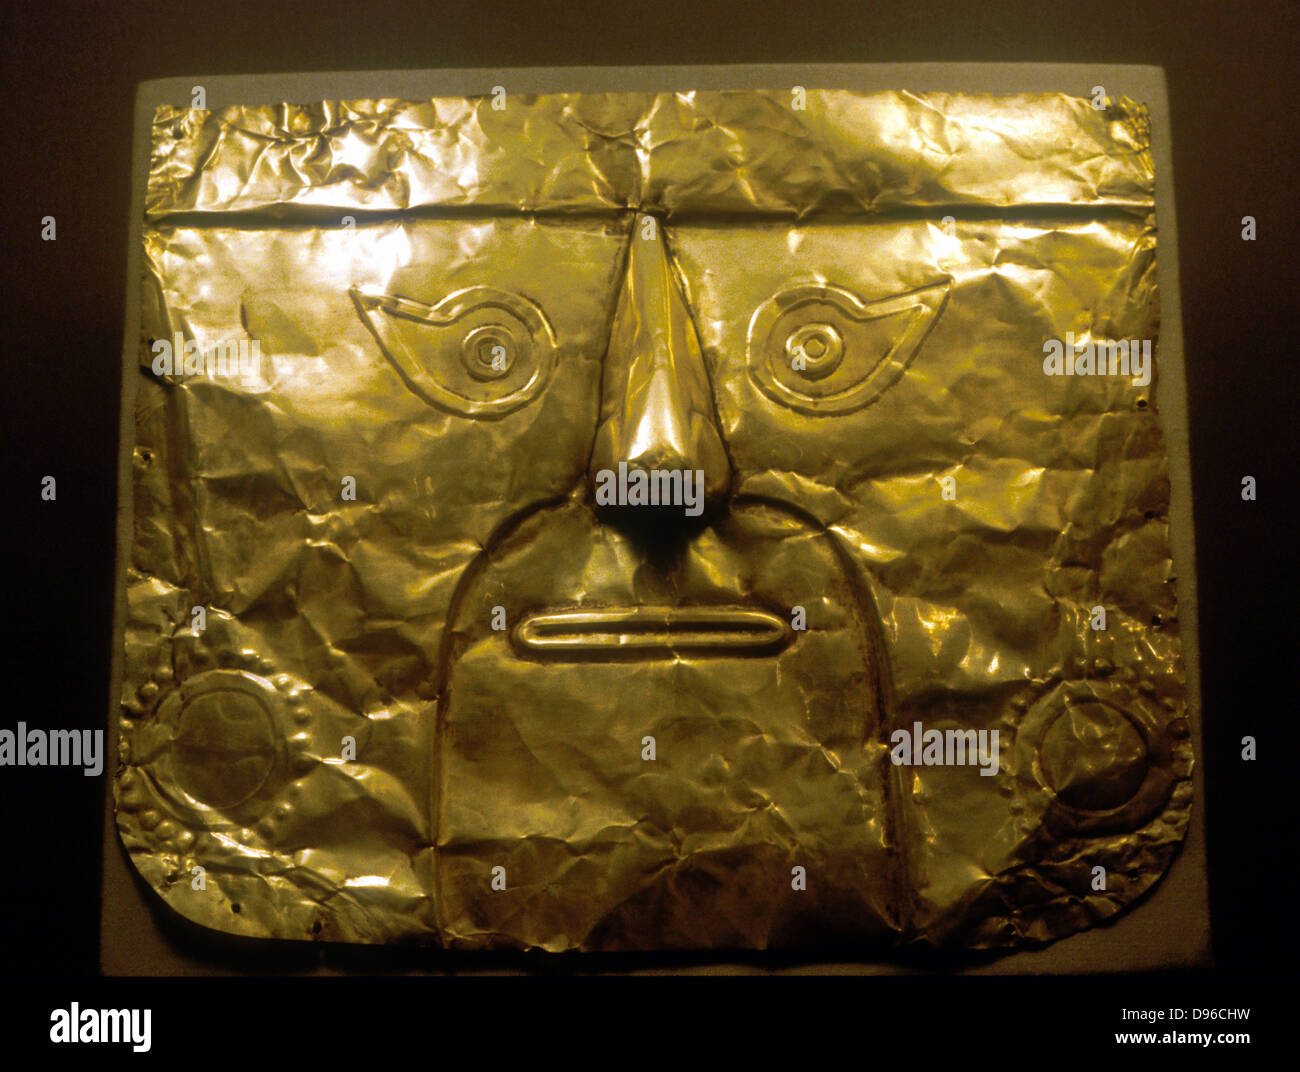 Chimu Mask (gold) Peru 1100-1500 AD - Stock Image